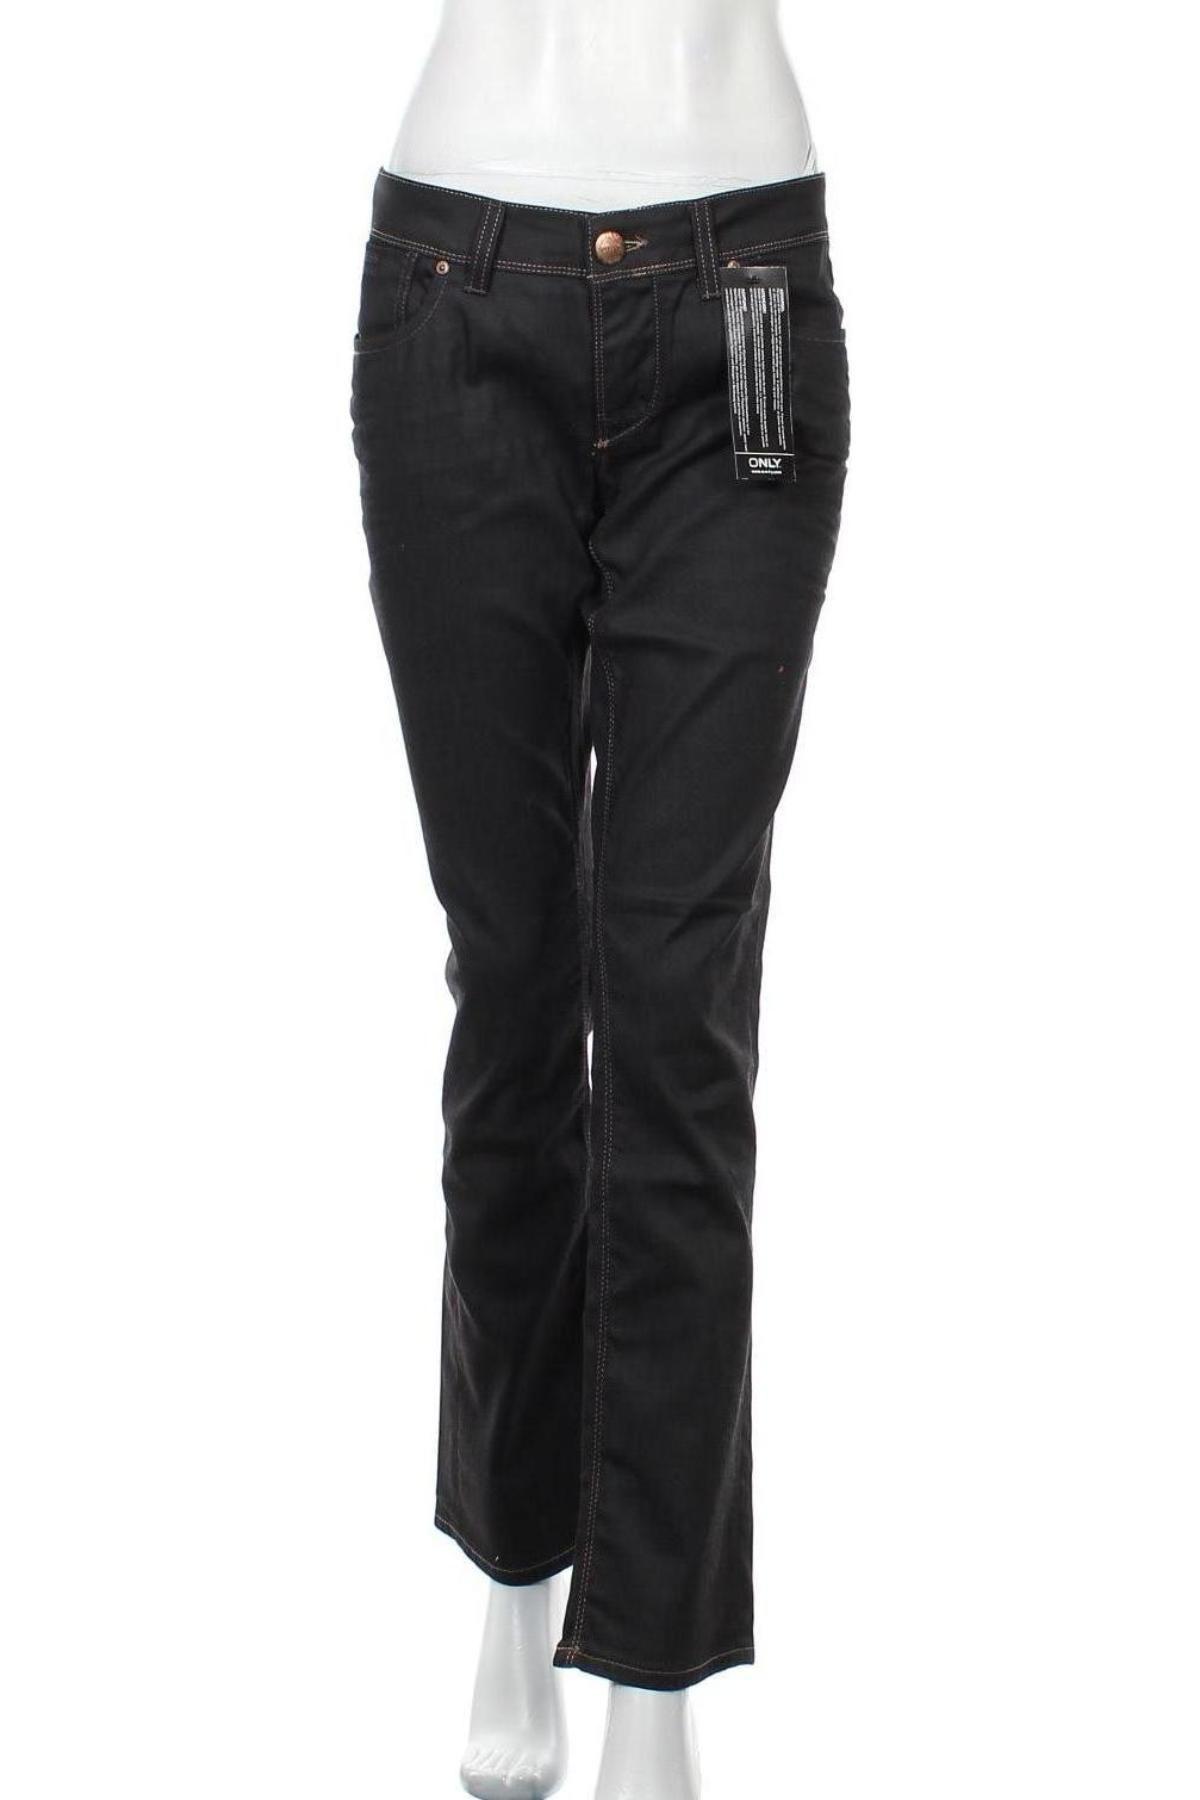 Дамски дънки ONLY, Размер XL, Цвят Черен, 98% памук, 2% еластан, Цена 16,29лв.